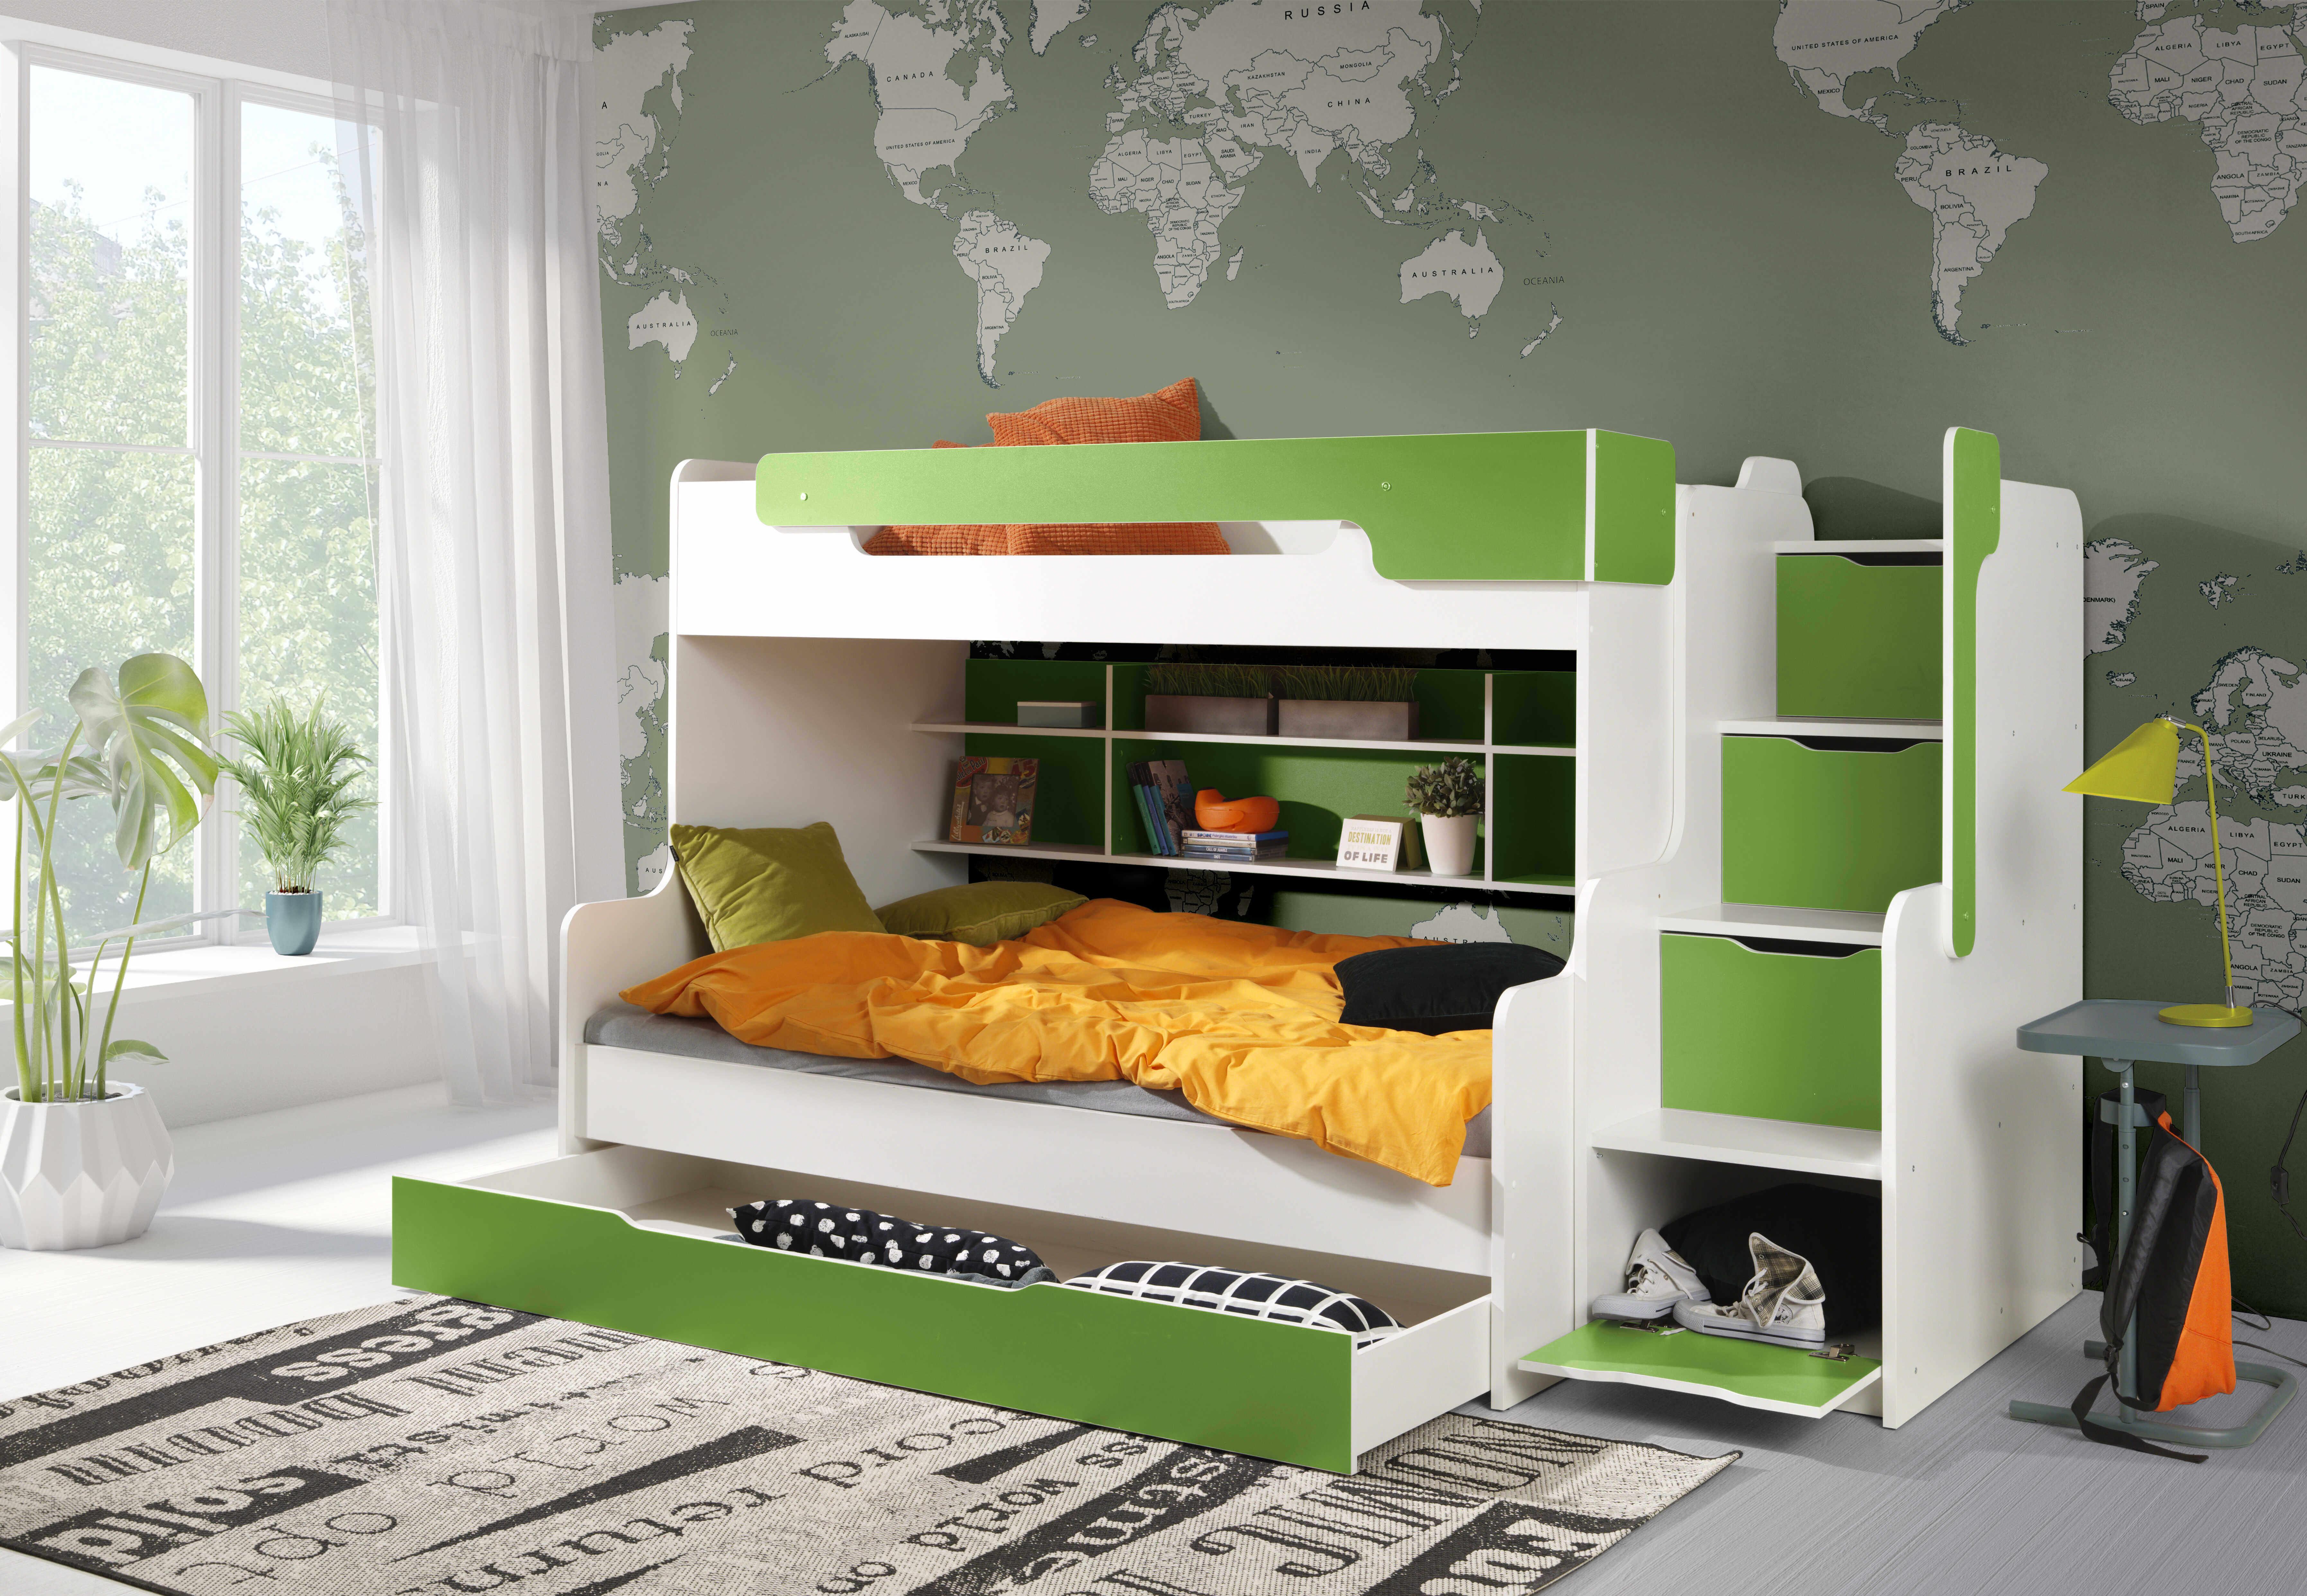 ArtBed Detská poschodová posteľ Harry Farba: Biela/oranžová